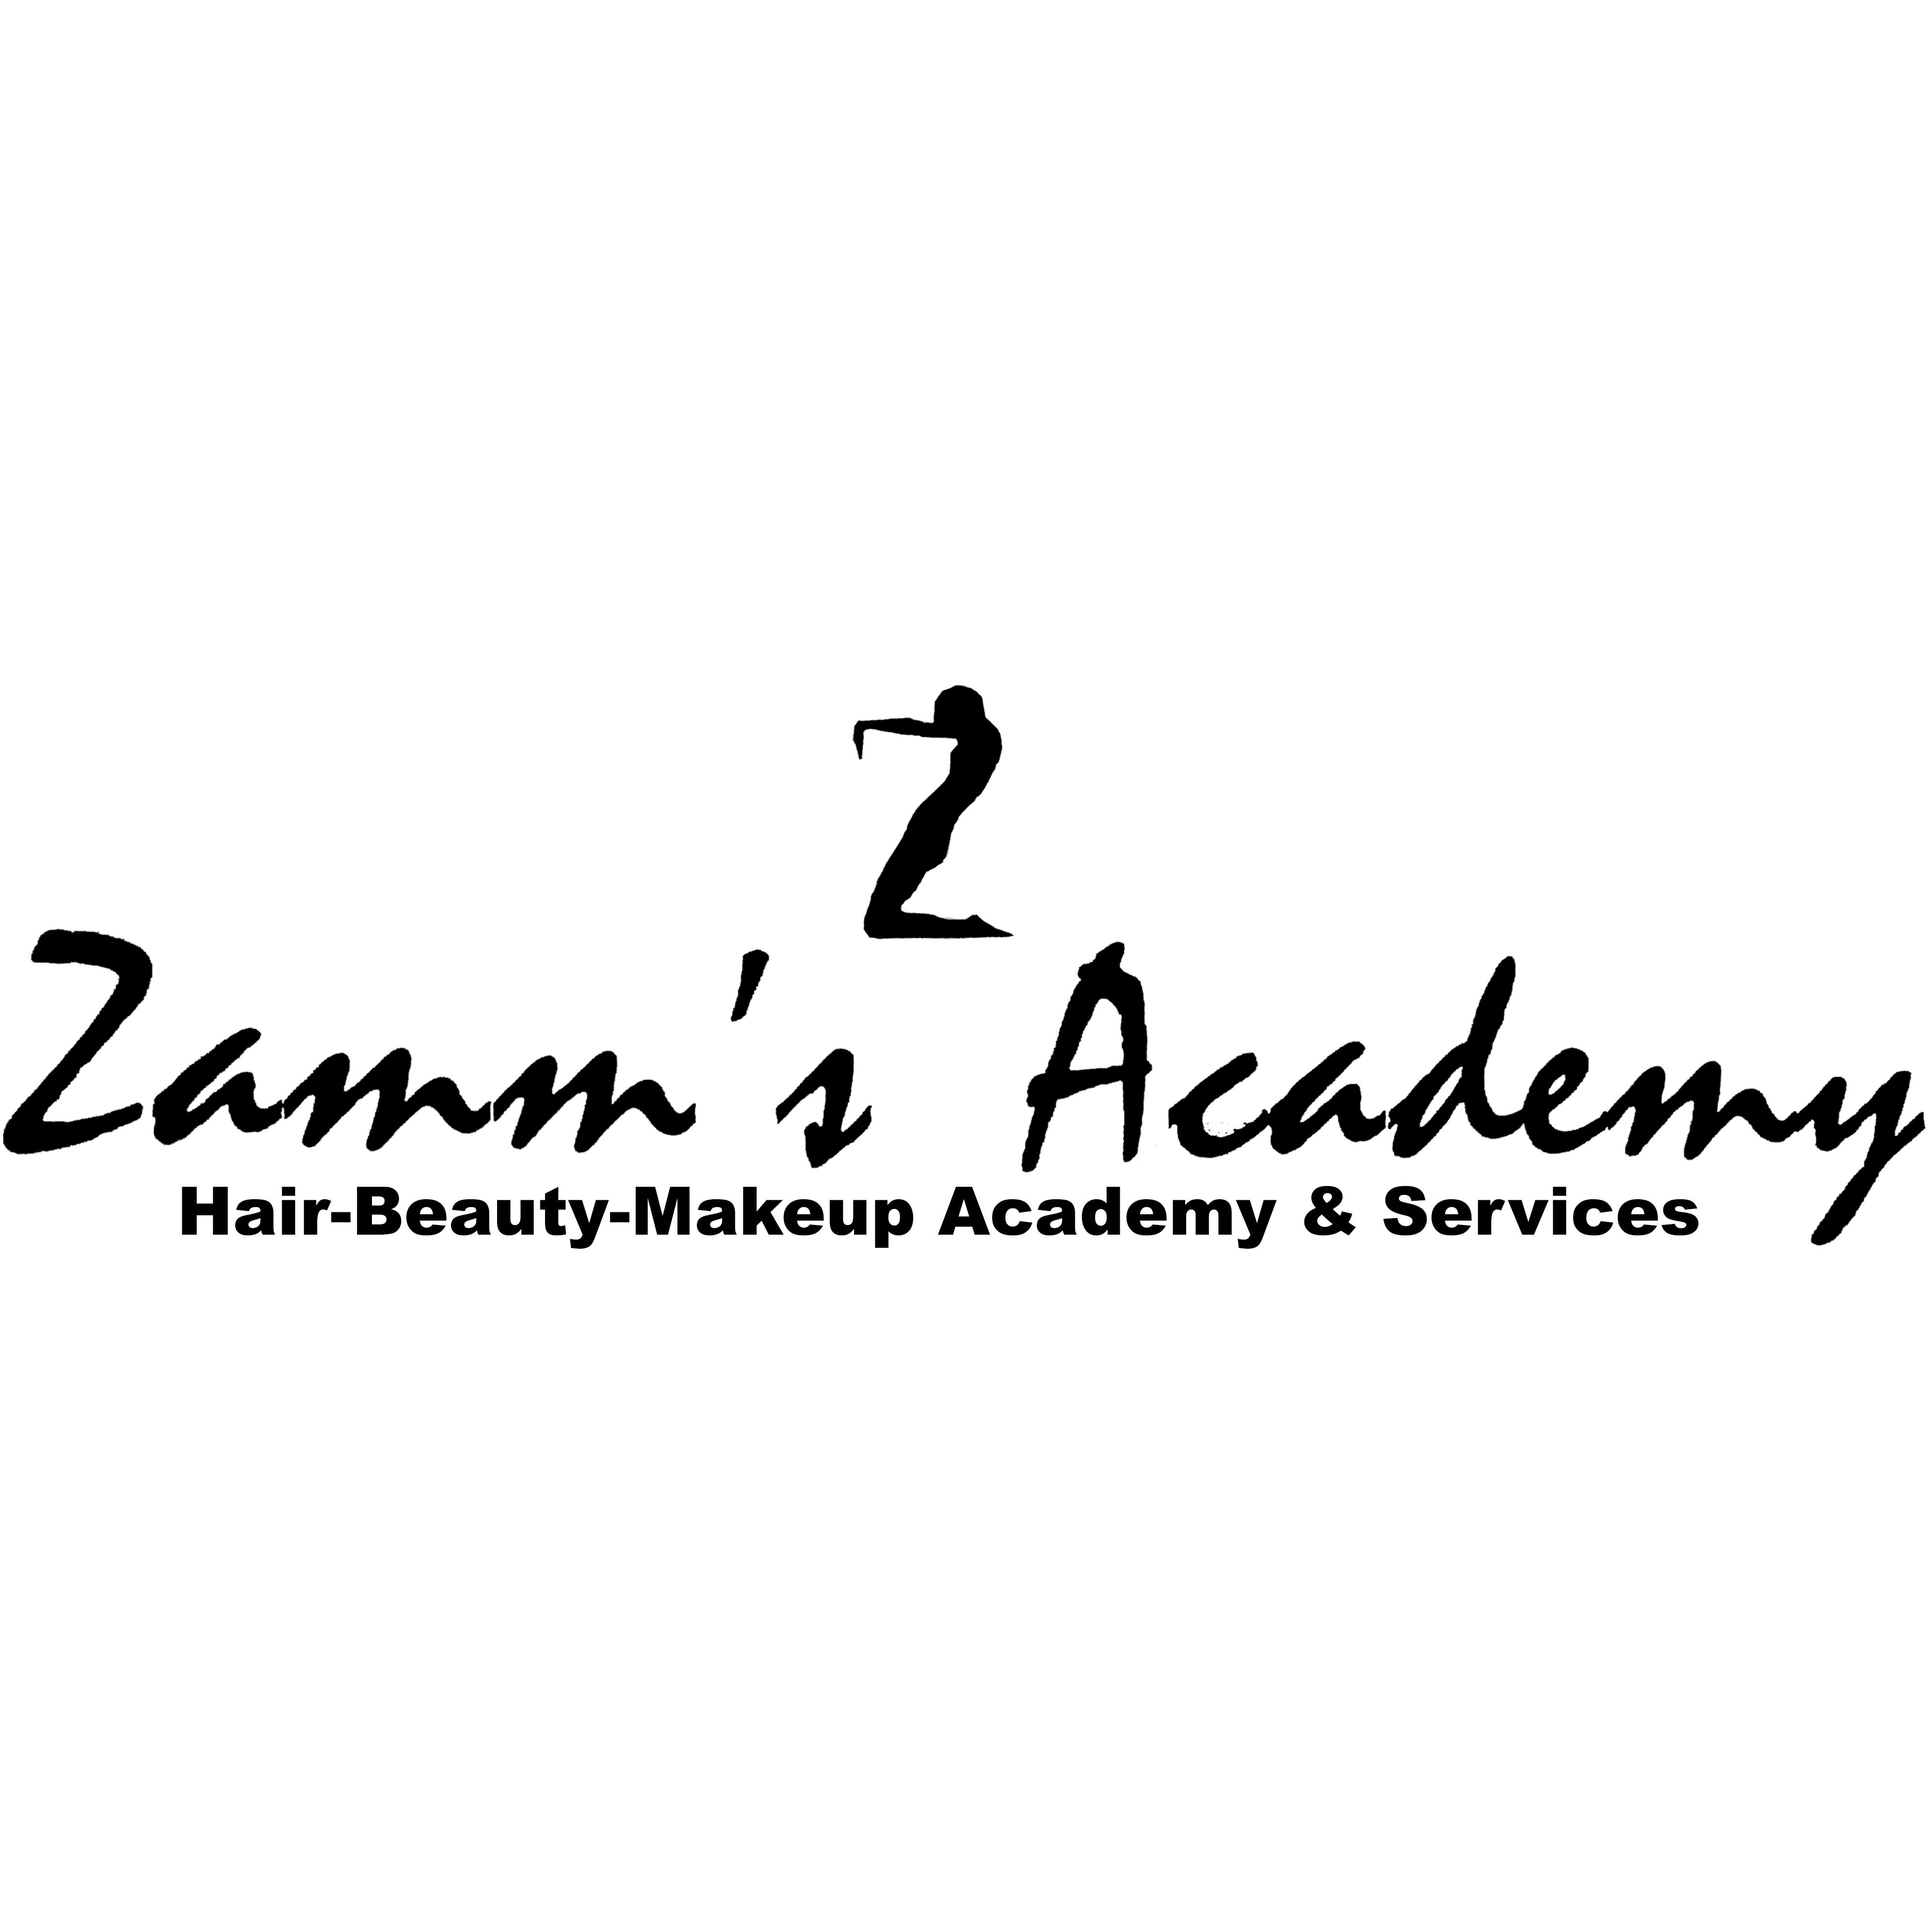 Zamm's Academy